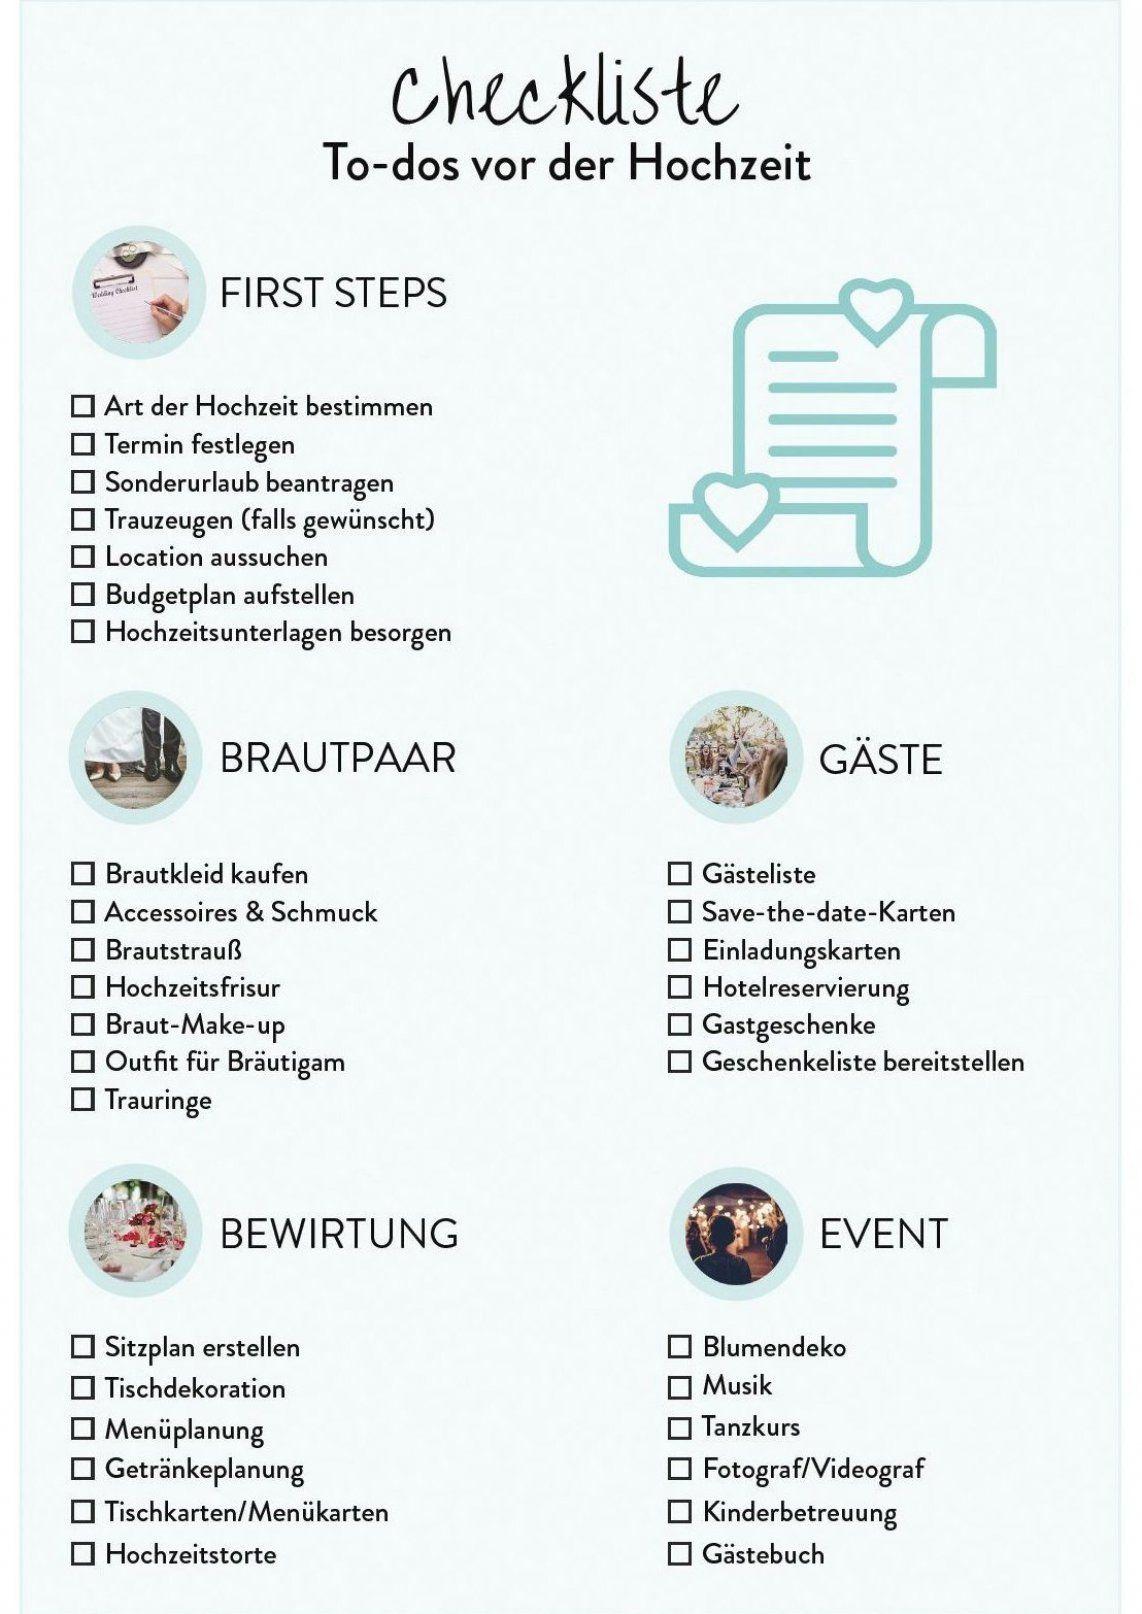 Kostenloser Download Lade Dir Kostenlos Unsere Hochzeitsche In 2020 Wedding Planning Checklist Timeline Wedding Planning Checklist Detailed Wedding Planning Timeline